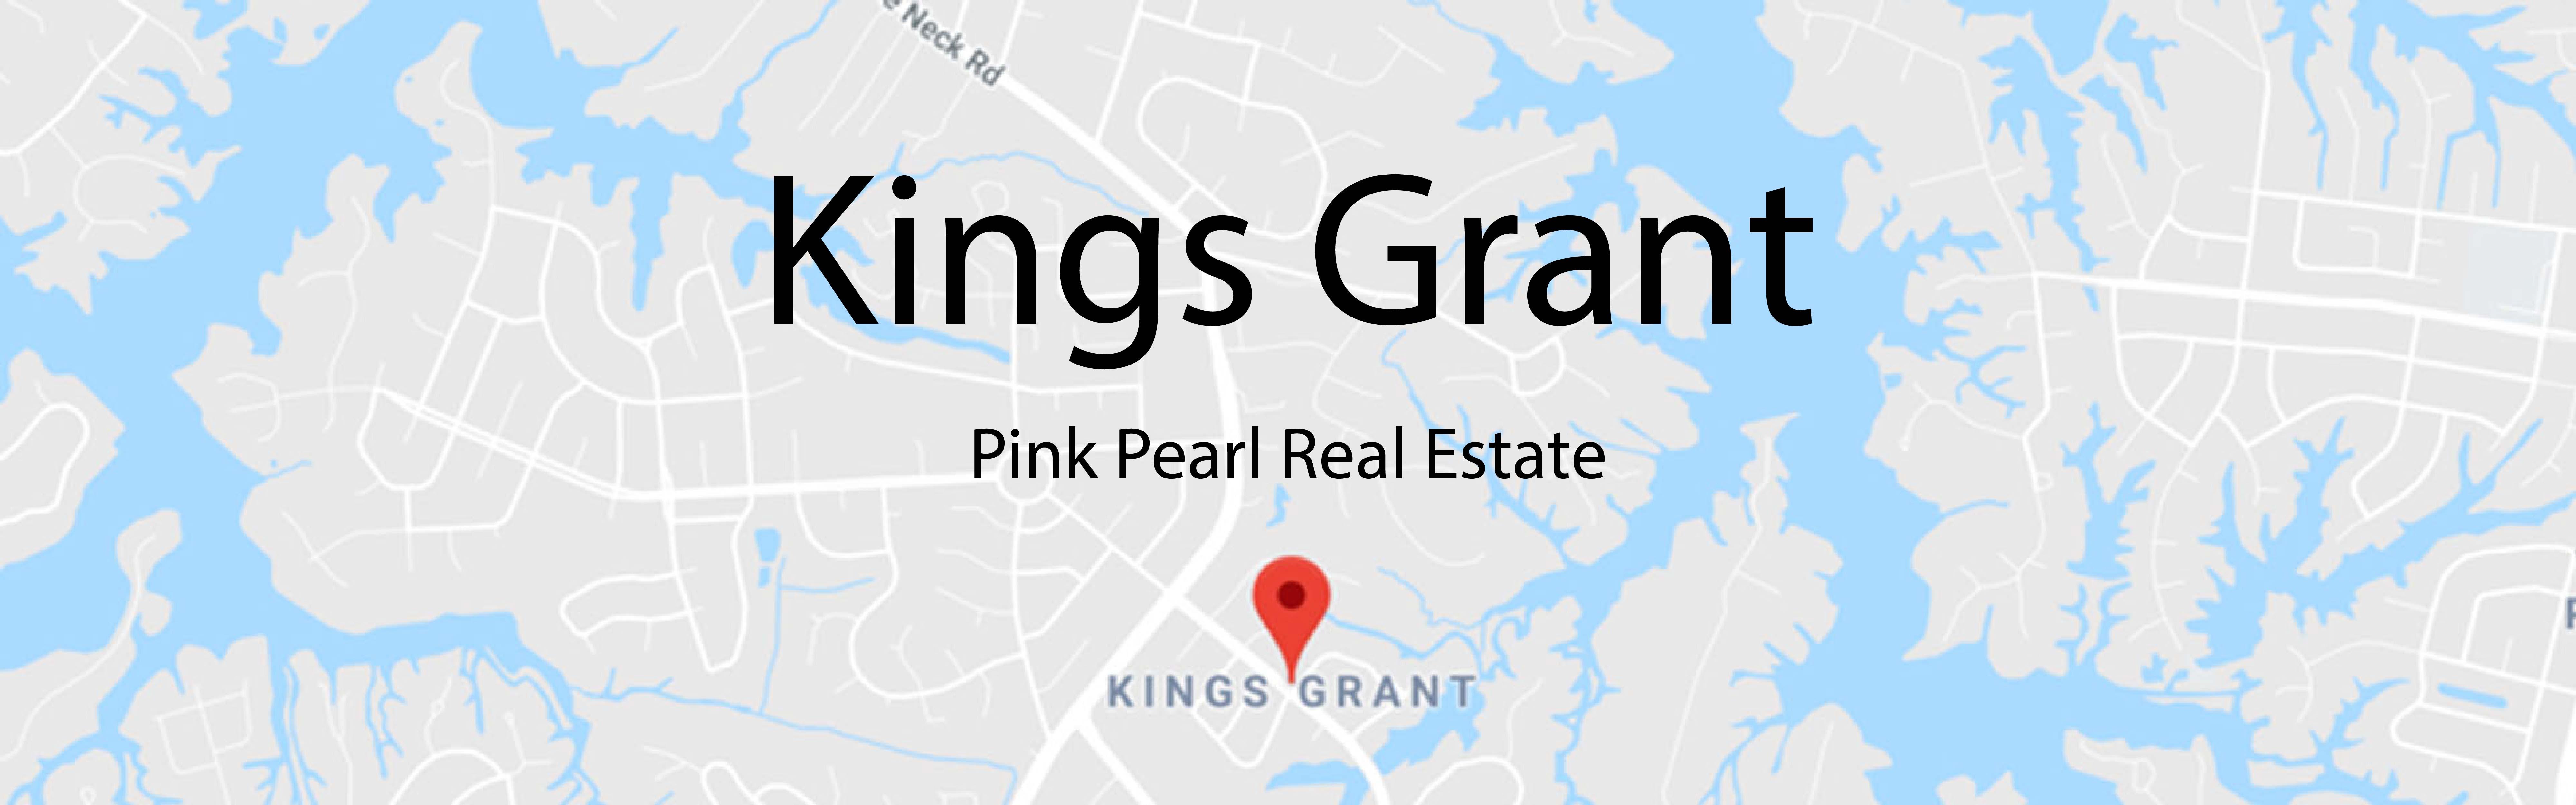 Kings Grant Real Estate in Virginia Beach VA 23452